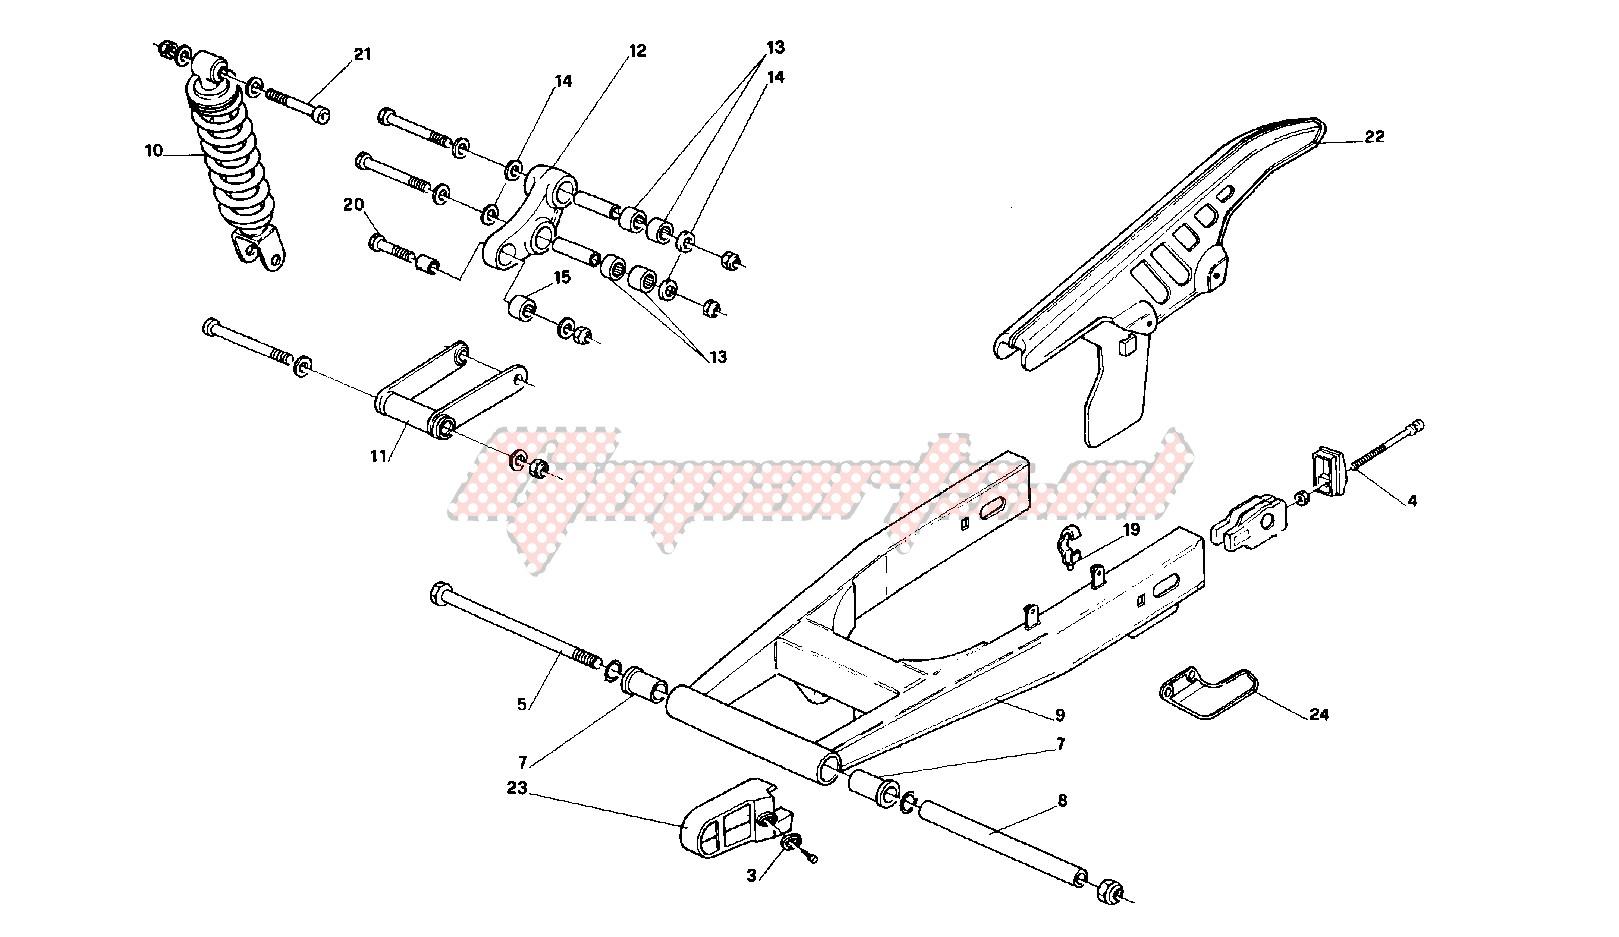 Rear swing arm image